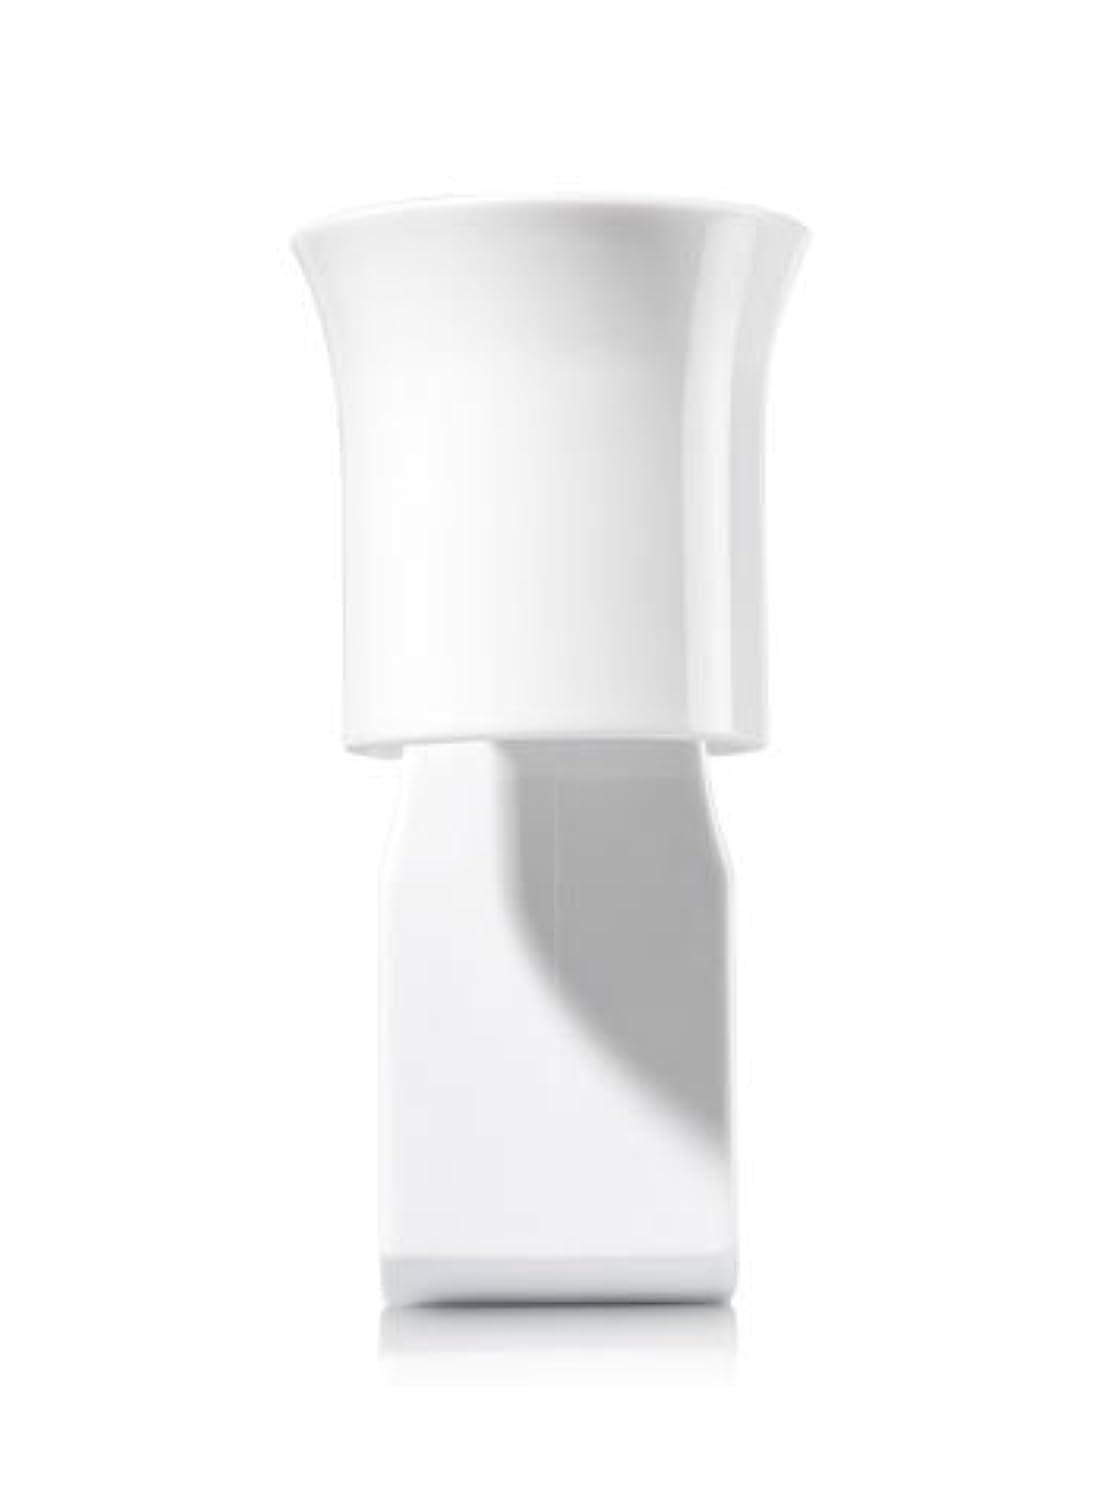 大胆なものサイズ【Bath&Body Works/バス&ボディワークス】 ルームフレグランス プラグインスターター (本体のみ) ホワイトフレアー Wallflowers Fragrance Plug White Flare [並行輸入品]